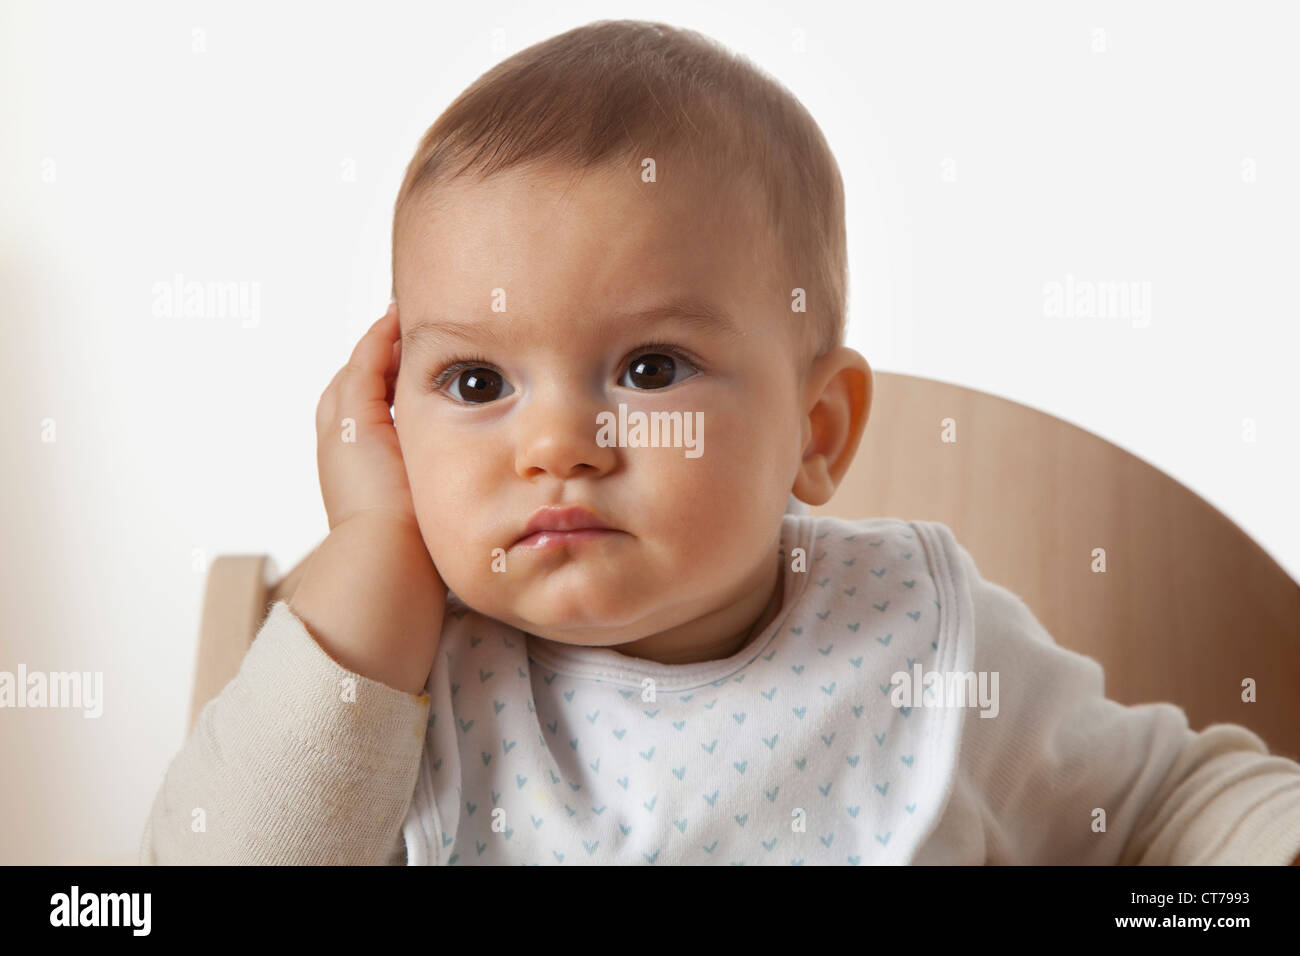 Ritratto di bambino in sedia alta cercando stupito Immagini Stock